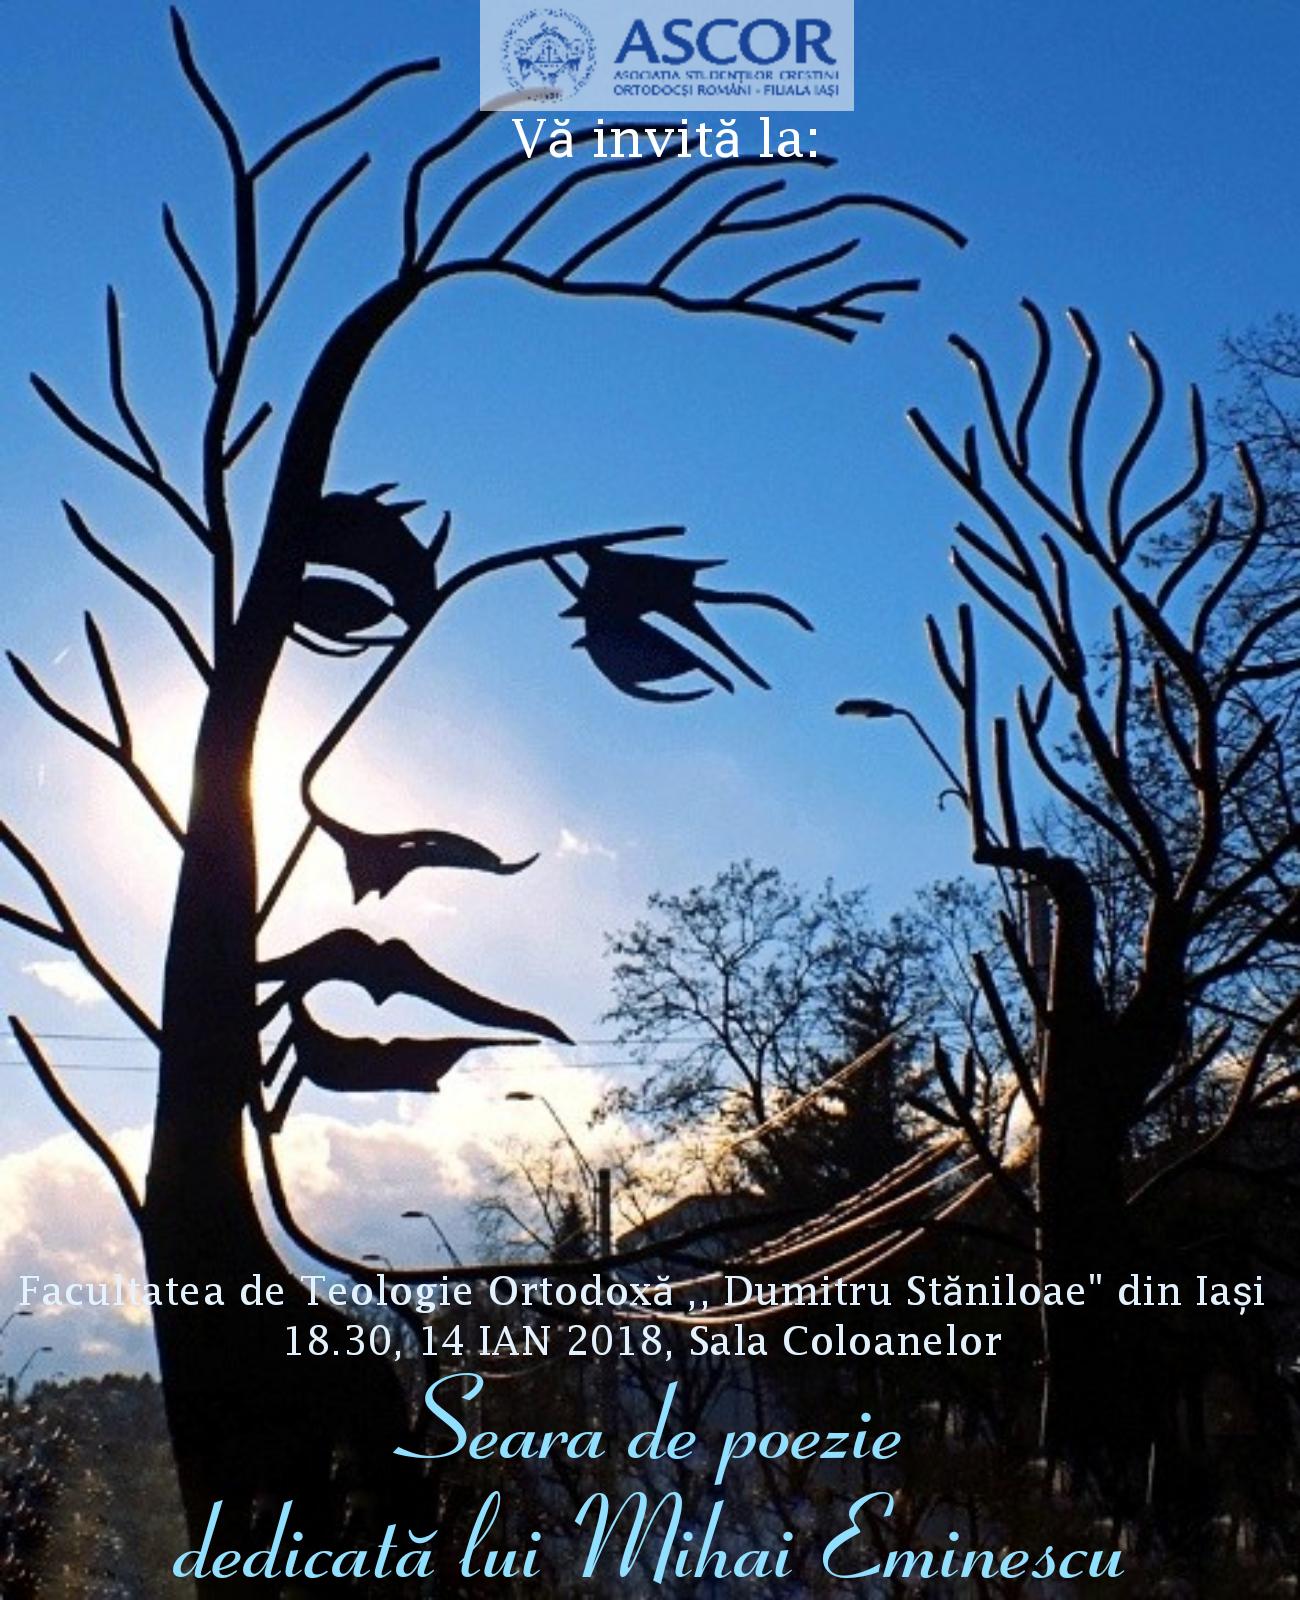 Seara de poezie dedicata lui Mihai Eminescu